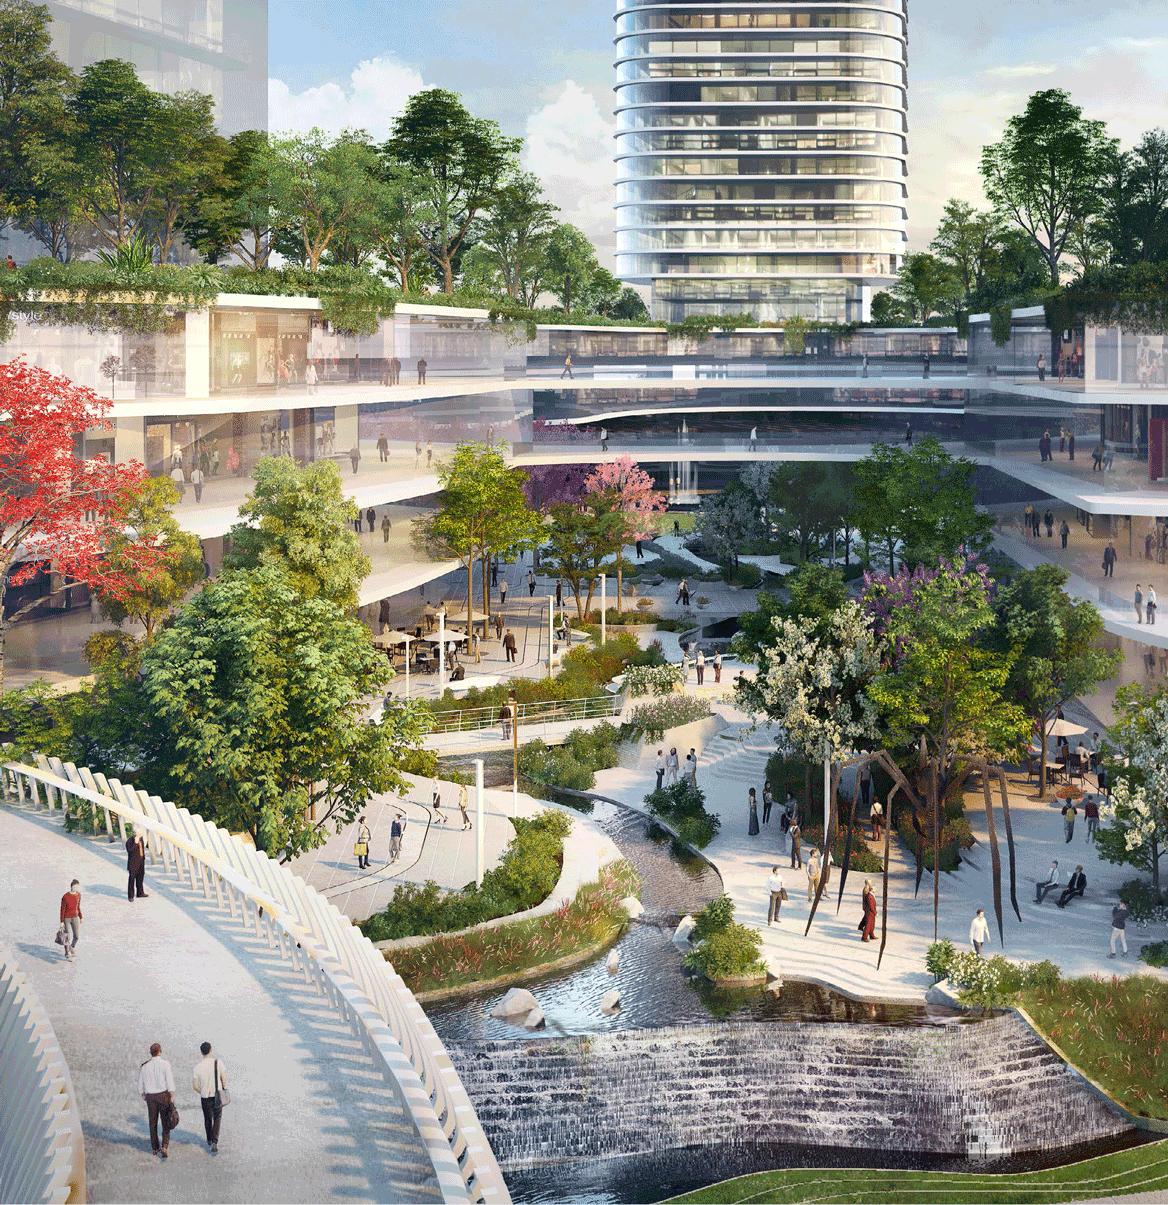 """88 tầng của tòa tháp sẽ bao gồm khu nhà ở, căn hộ, khách sạn và đài quan sát công cộng. Một """"khu rừng trên cao"""" với kết cấu uốn lượn cắt ngang tòa tháp theo phương thẳng đứng giữa lưng chừng trời sẽ mang cảnh quan xanh mát lên giữa không trung."""